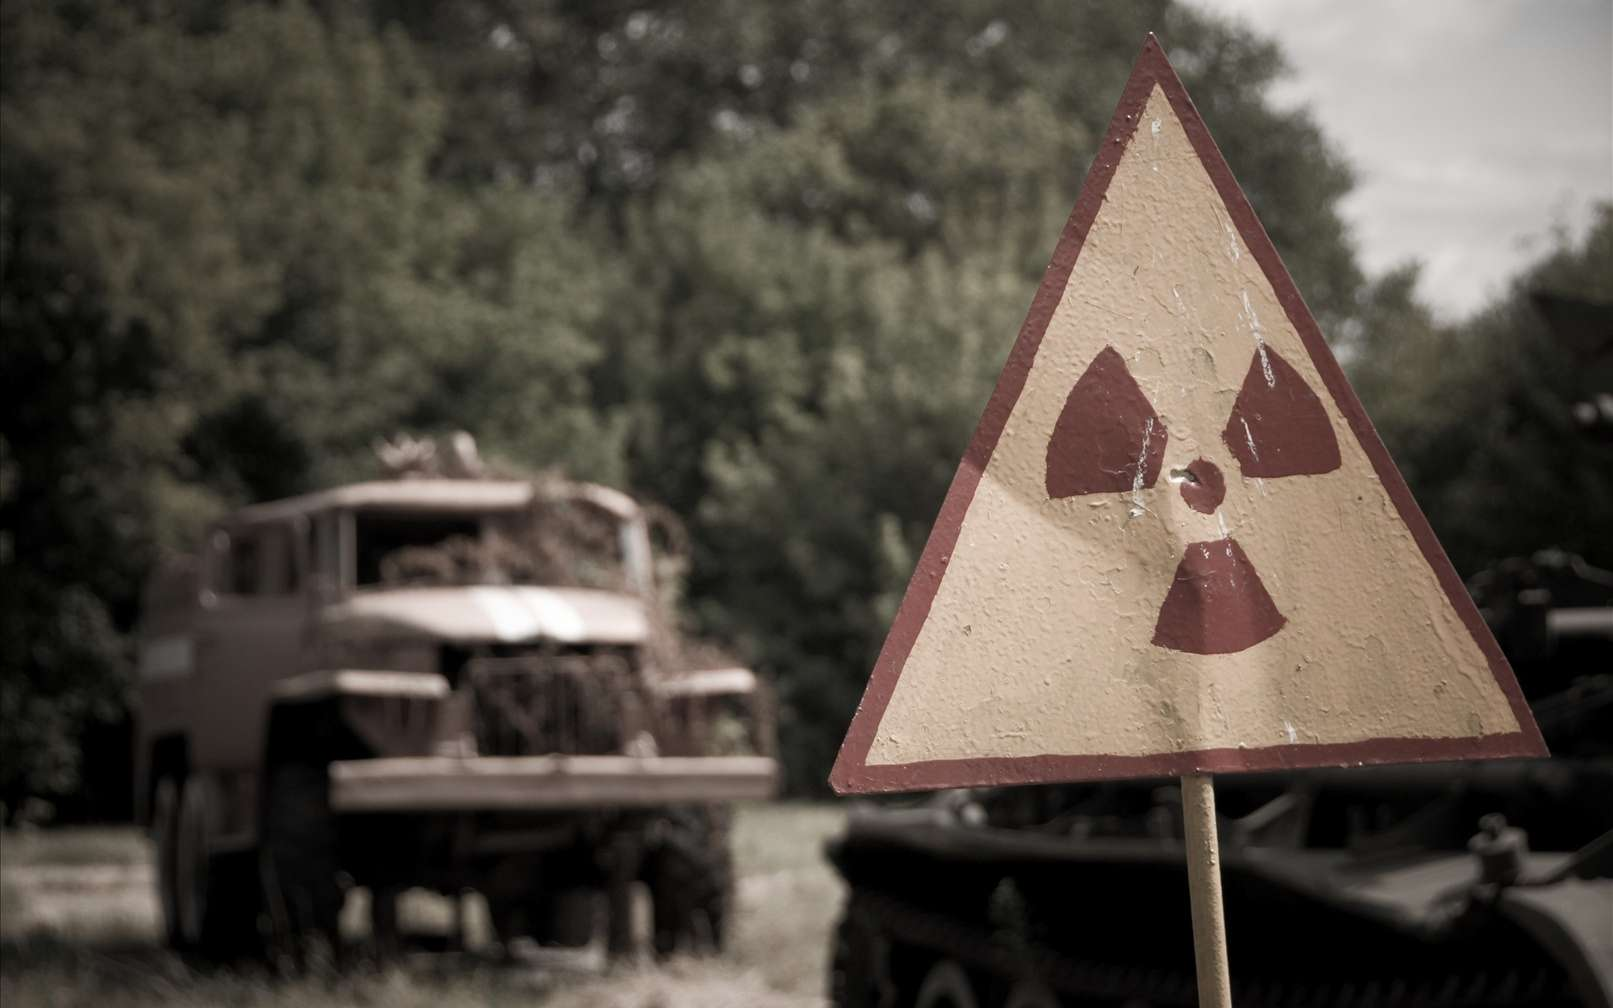 L'environnement est source de cancer. Les changements sociaux et de modes de vie des dernières années (pesticides, produits chimiques, énergie nucléaire et accidents comme ici à Tchernobyl, amiante etc.) peuvent induire des conséquences négatives sur notre santé. Si le lien paraît parfois manifeste, dans d'autres situations il est beaucoup plus complexe à déterminer... © Marco Fieber, Fotopédia, cc by nc nd 2.0